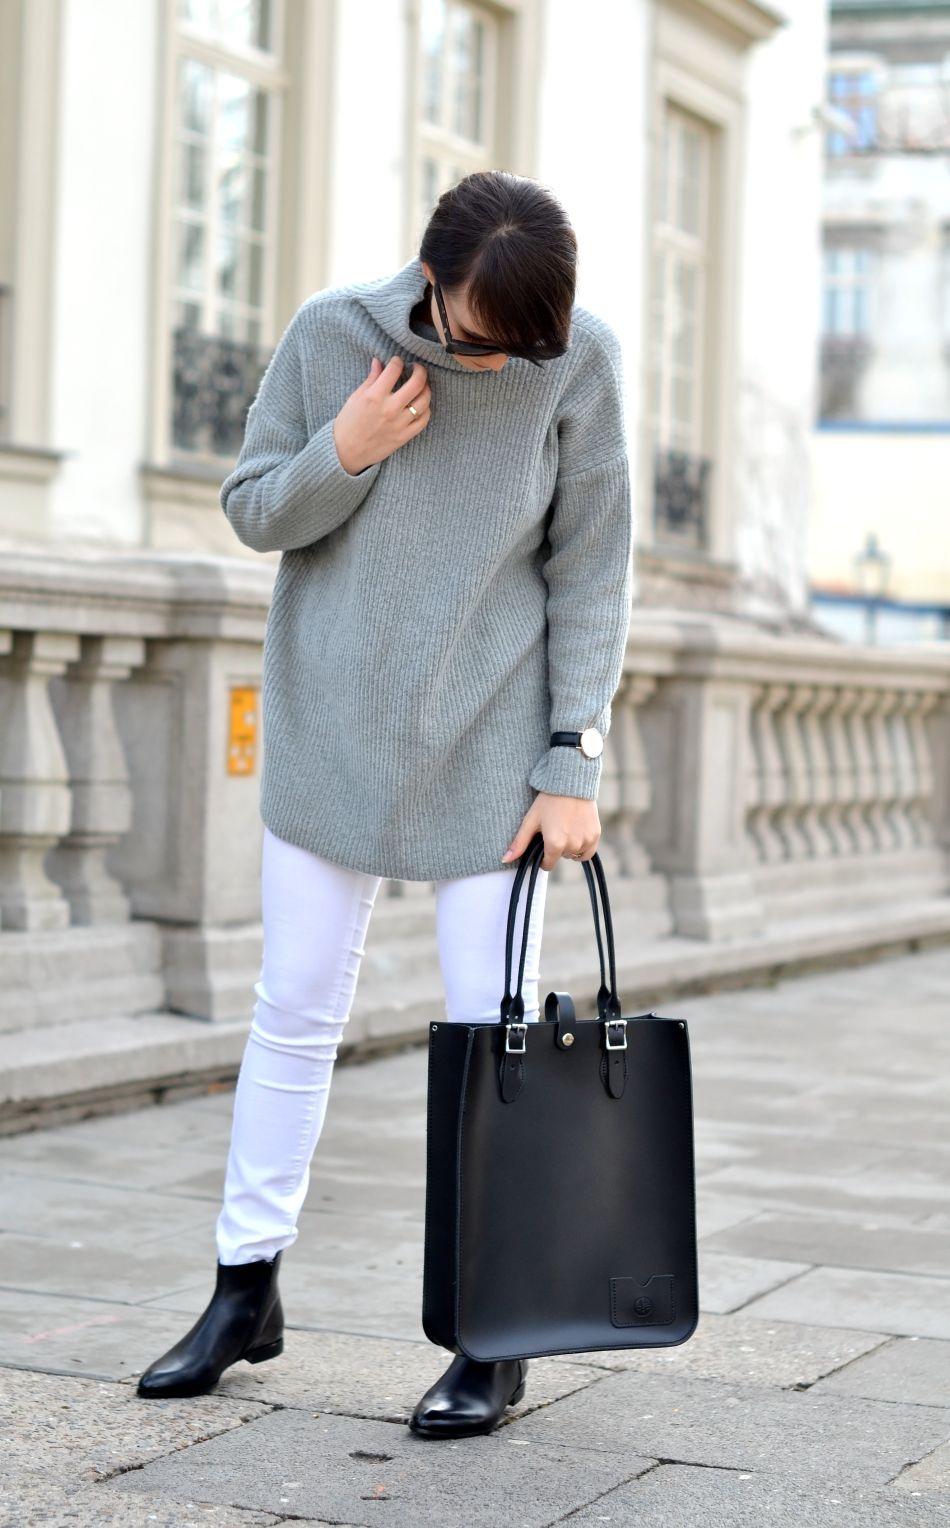 2867b05d7c8b1 Białe spodnie i czarne sztyblety - CAMMY - Blog o modzie   lifestylowy   o  życiu   poradnik   motywacja